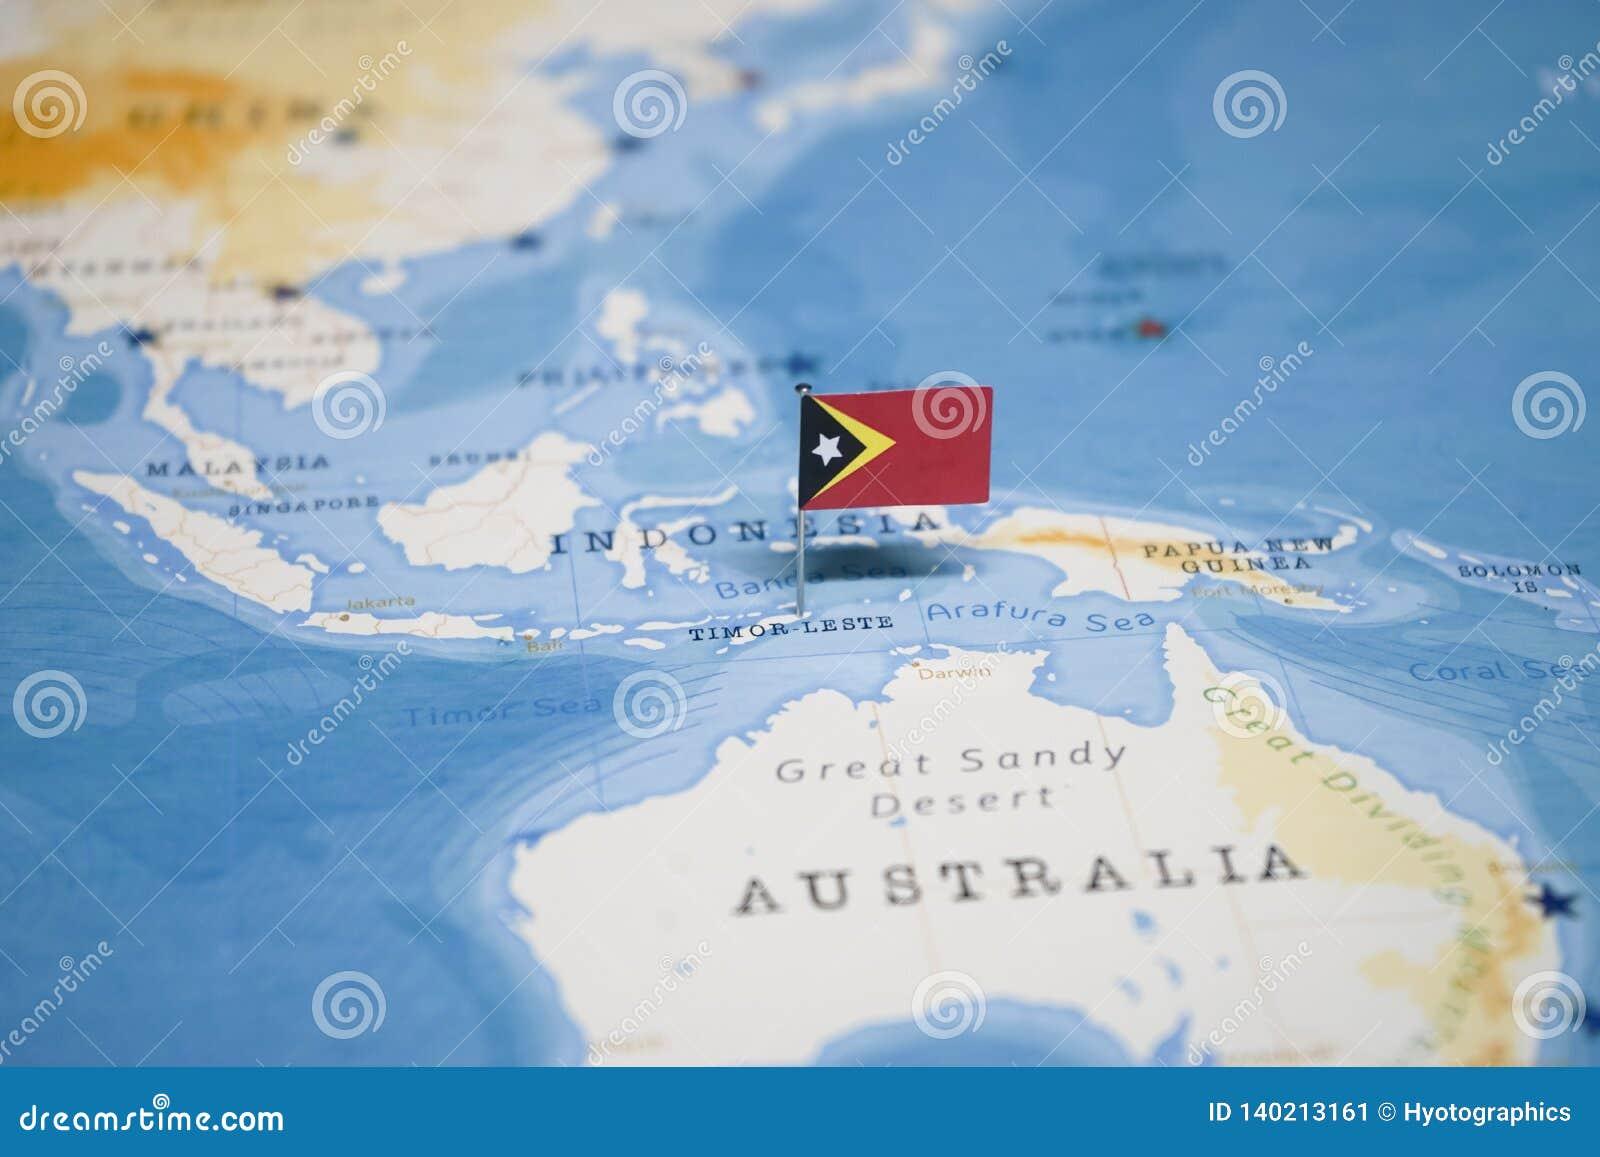 timor leste on world map The Flag Of Timor Leste In The World Map Stock Image Image Of